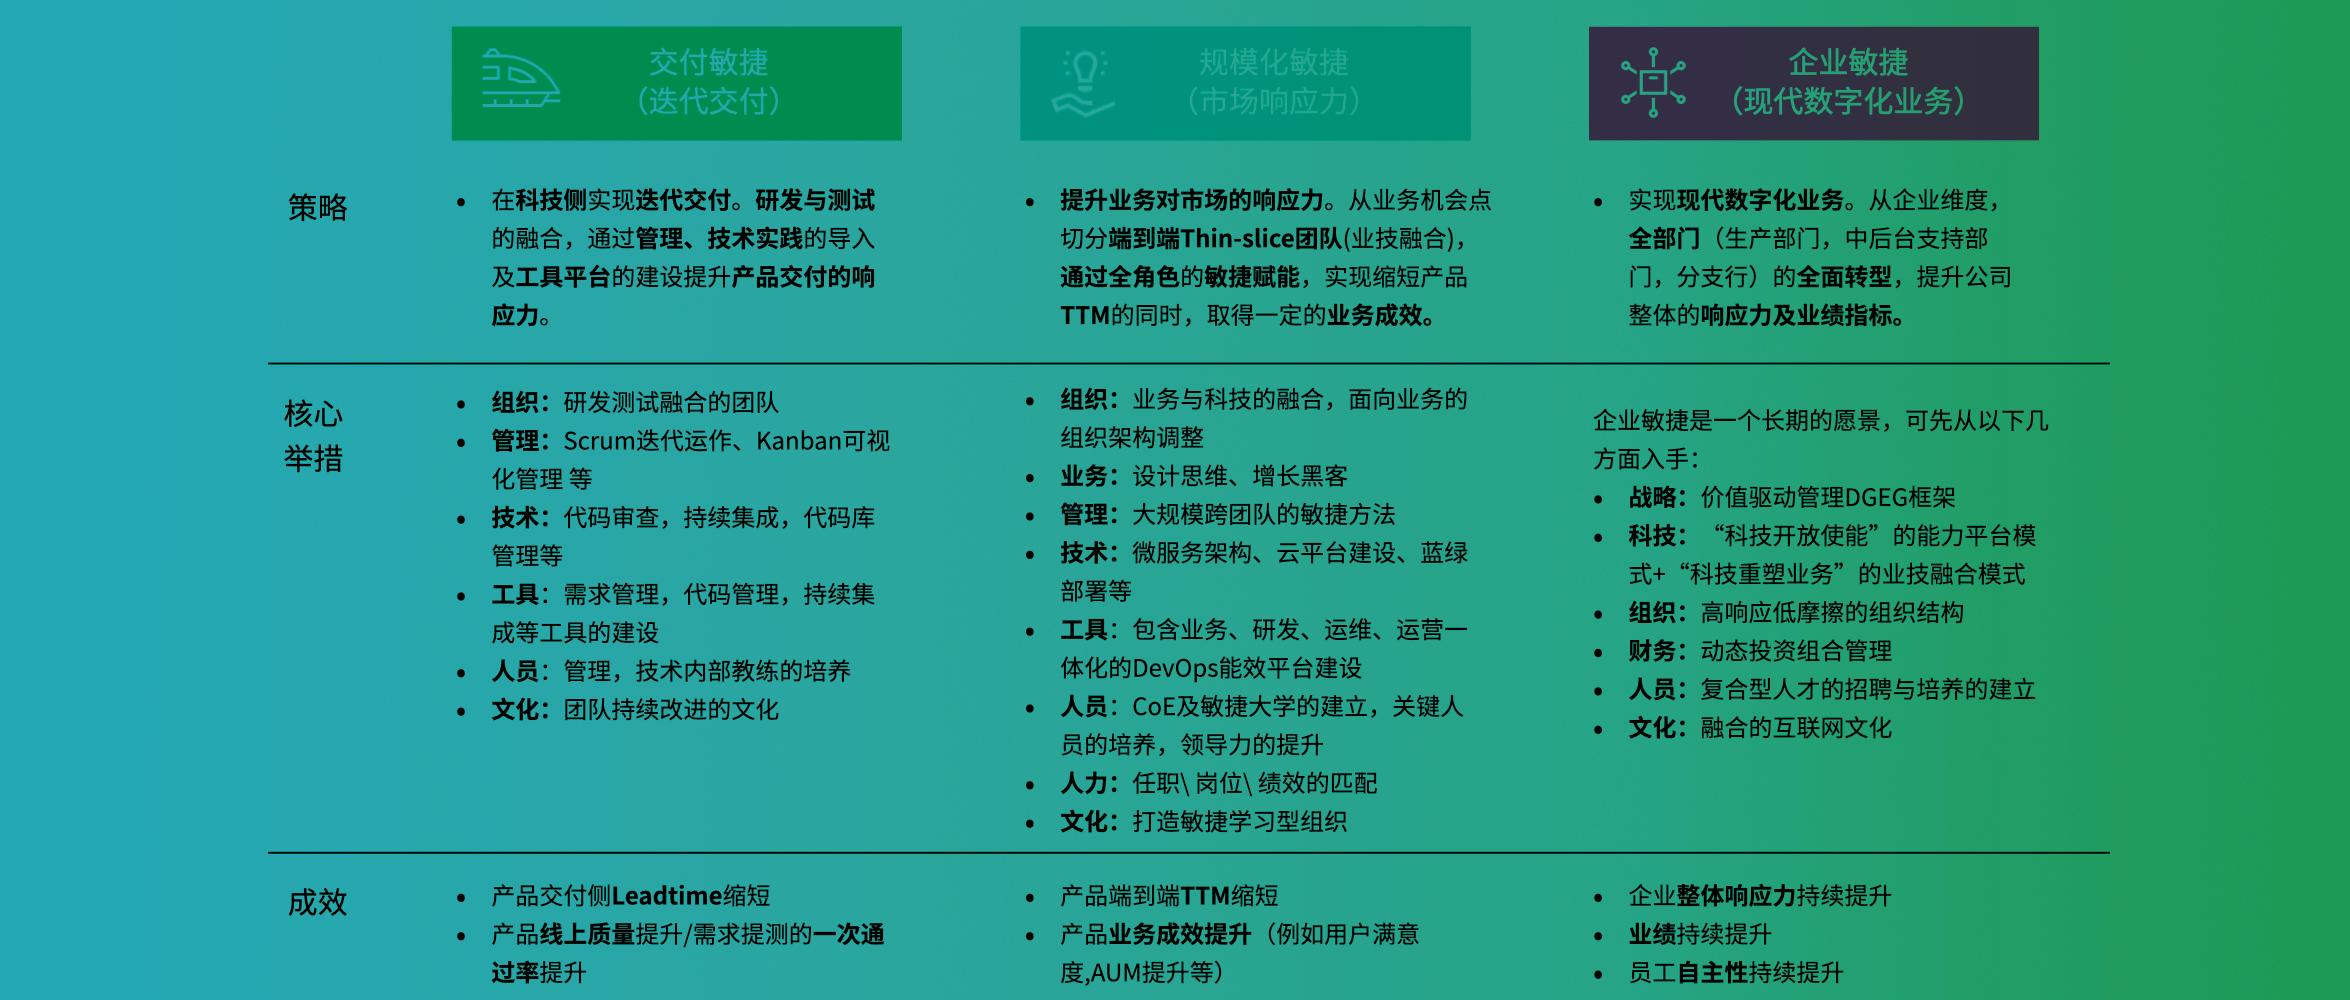 银行敏捷转型的三个阶段